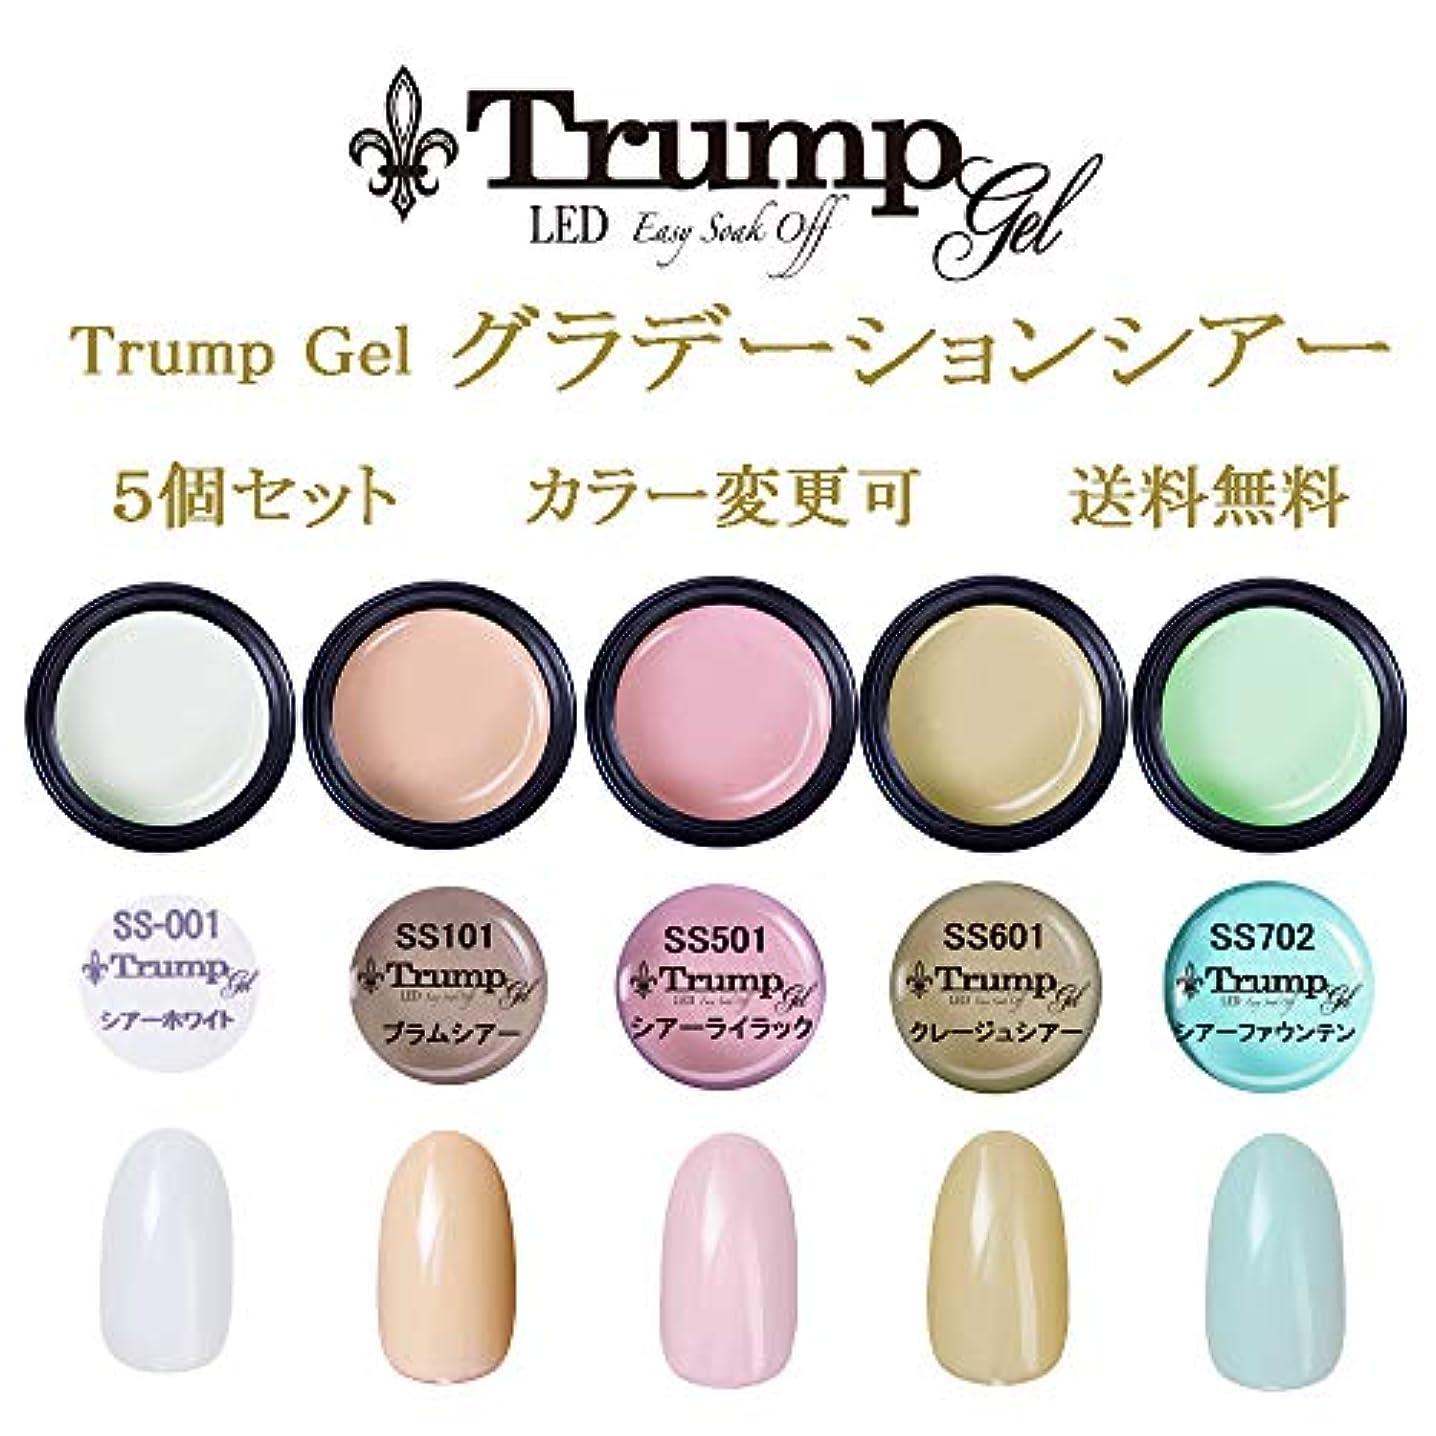 ピッチャーうがい薬砦日本製 Trump gel トランプジェル グラデーション シアーカラー 選べる カラージェル 5個セット ホワイト ベージュ ピンク イエロー ブルー